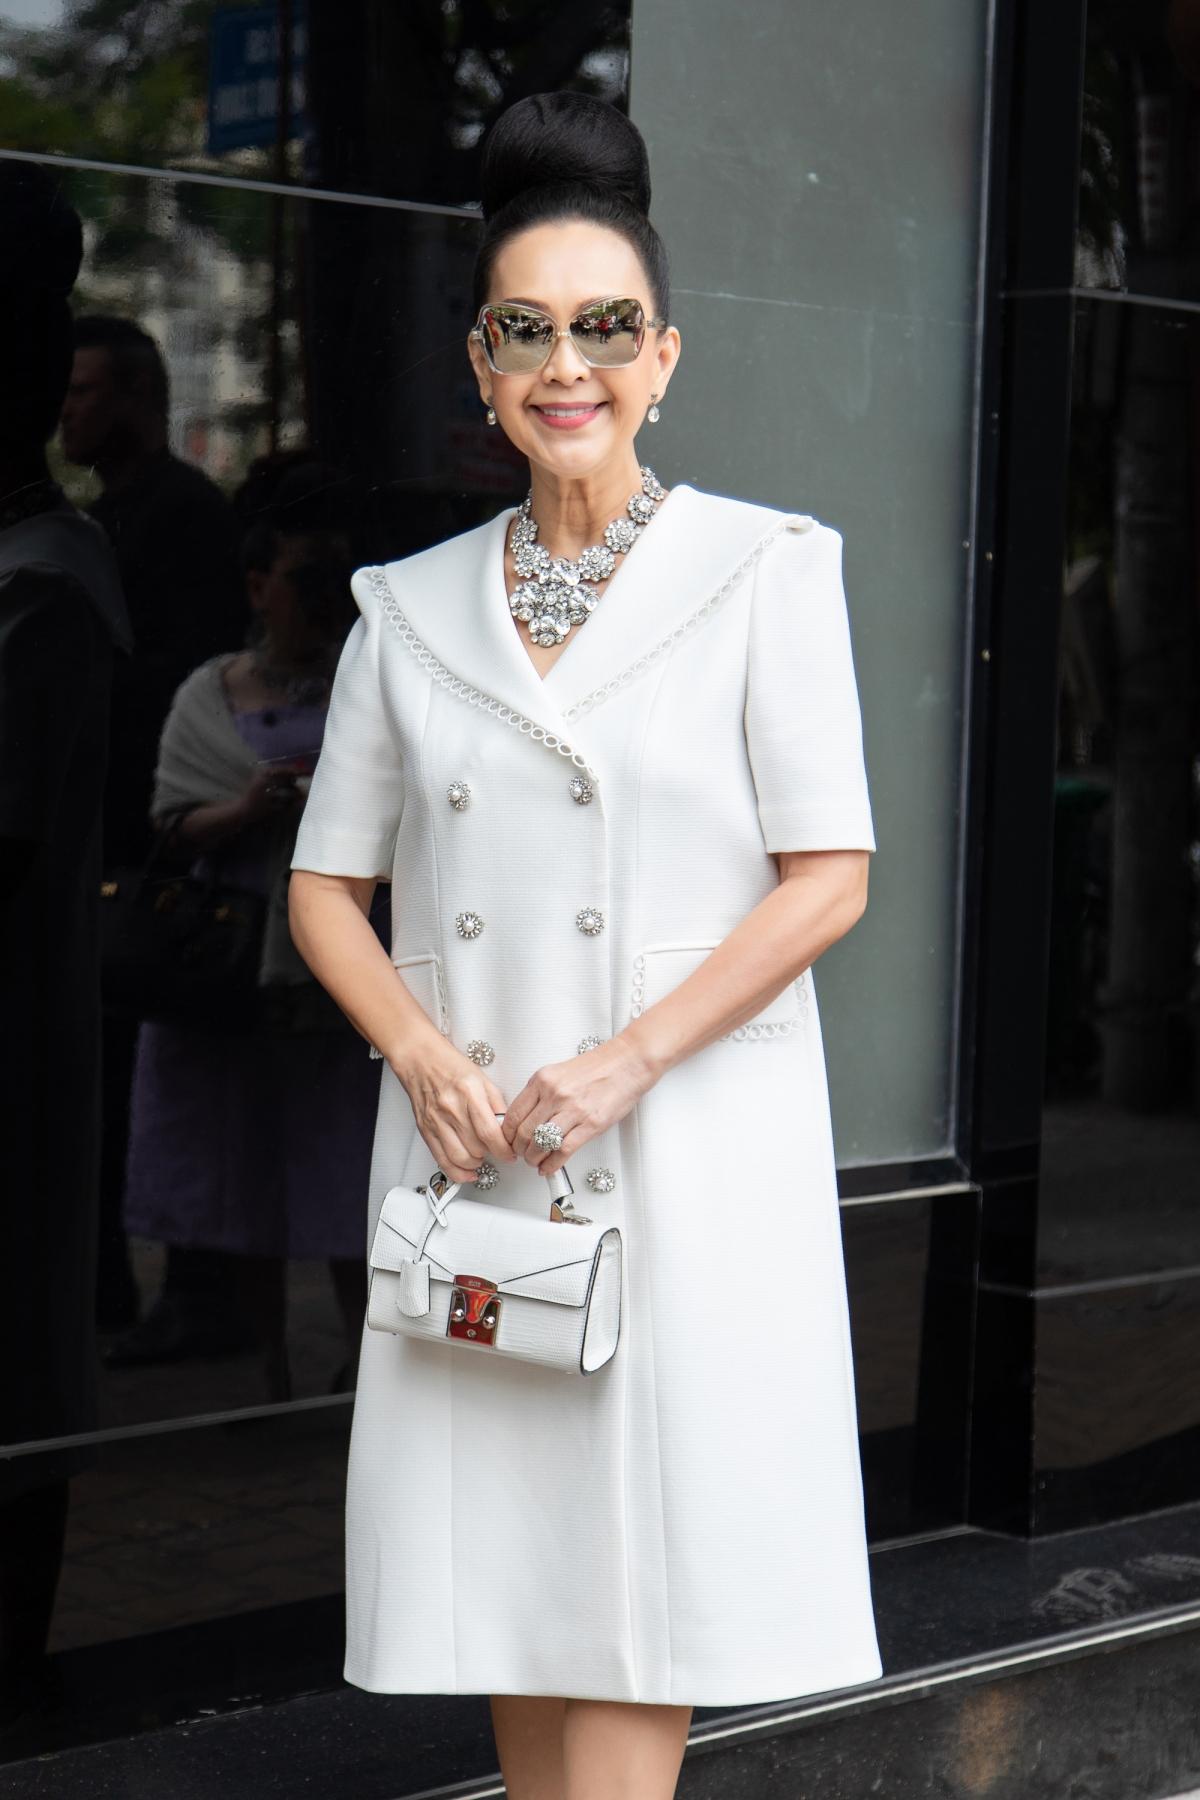 Chị phối vòng cổ, hoa tai với thiết kế cầu kỳ. Túi xách trắng nhỏ xinh càng tạo nên tổng thể hoàn hảo.